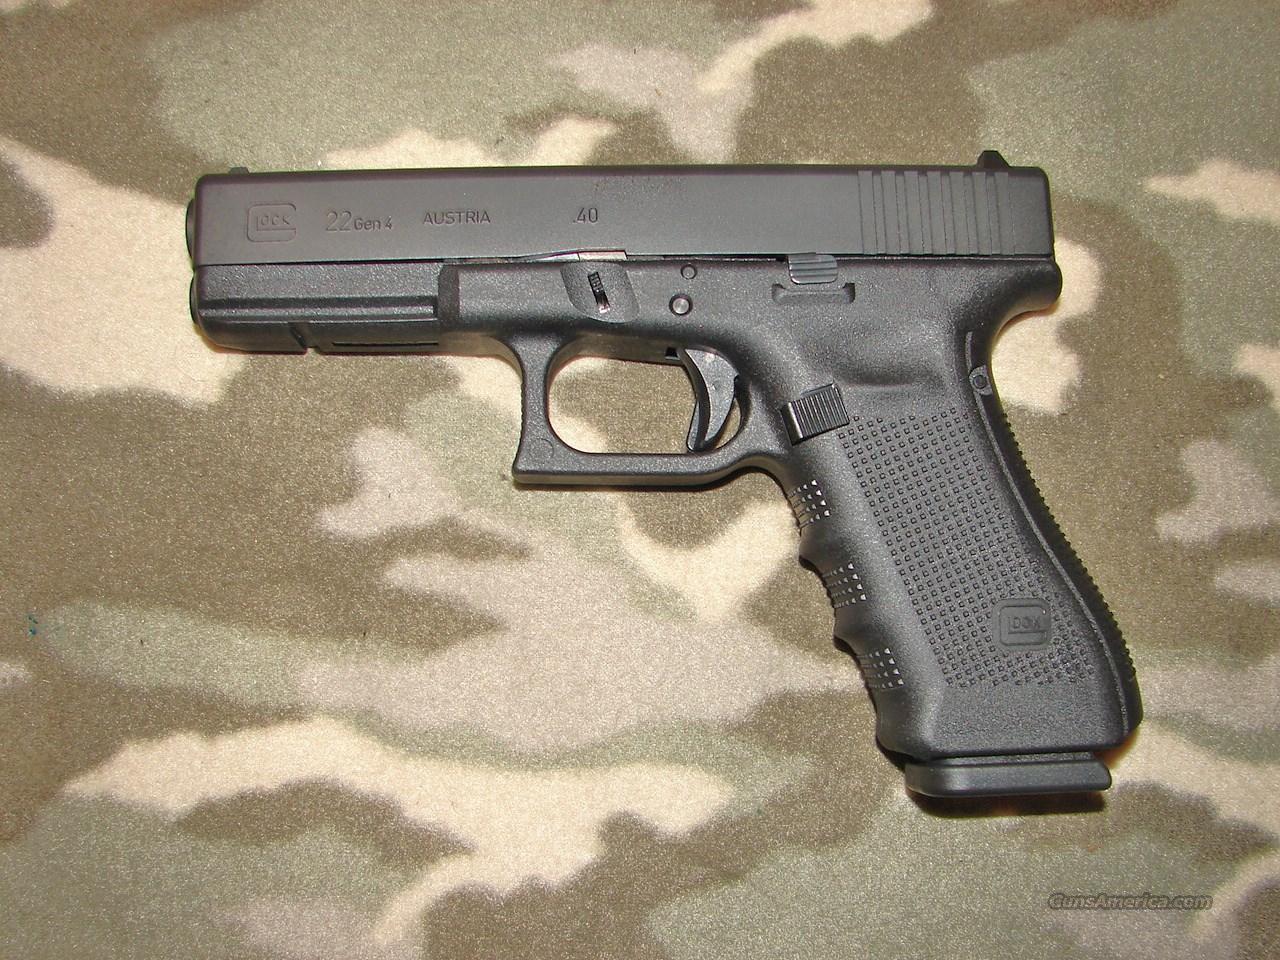 Glock Model 22 Gen 4  Guns > Pistols > Glock Pistols > 22